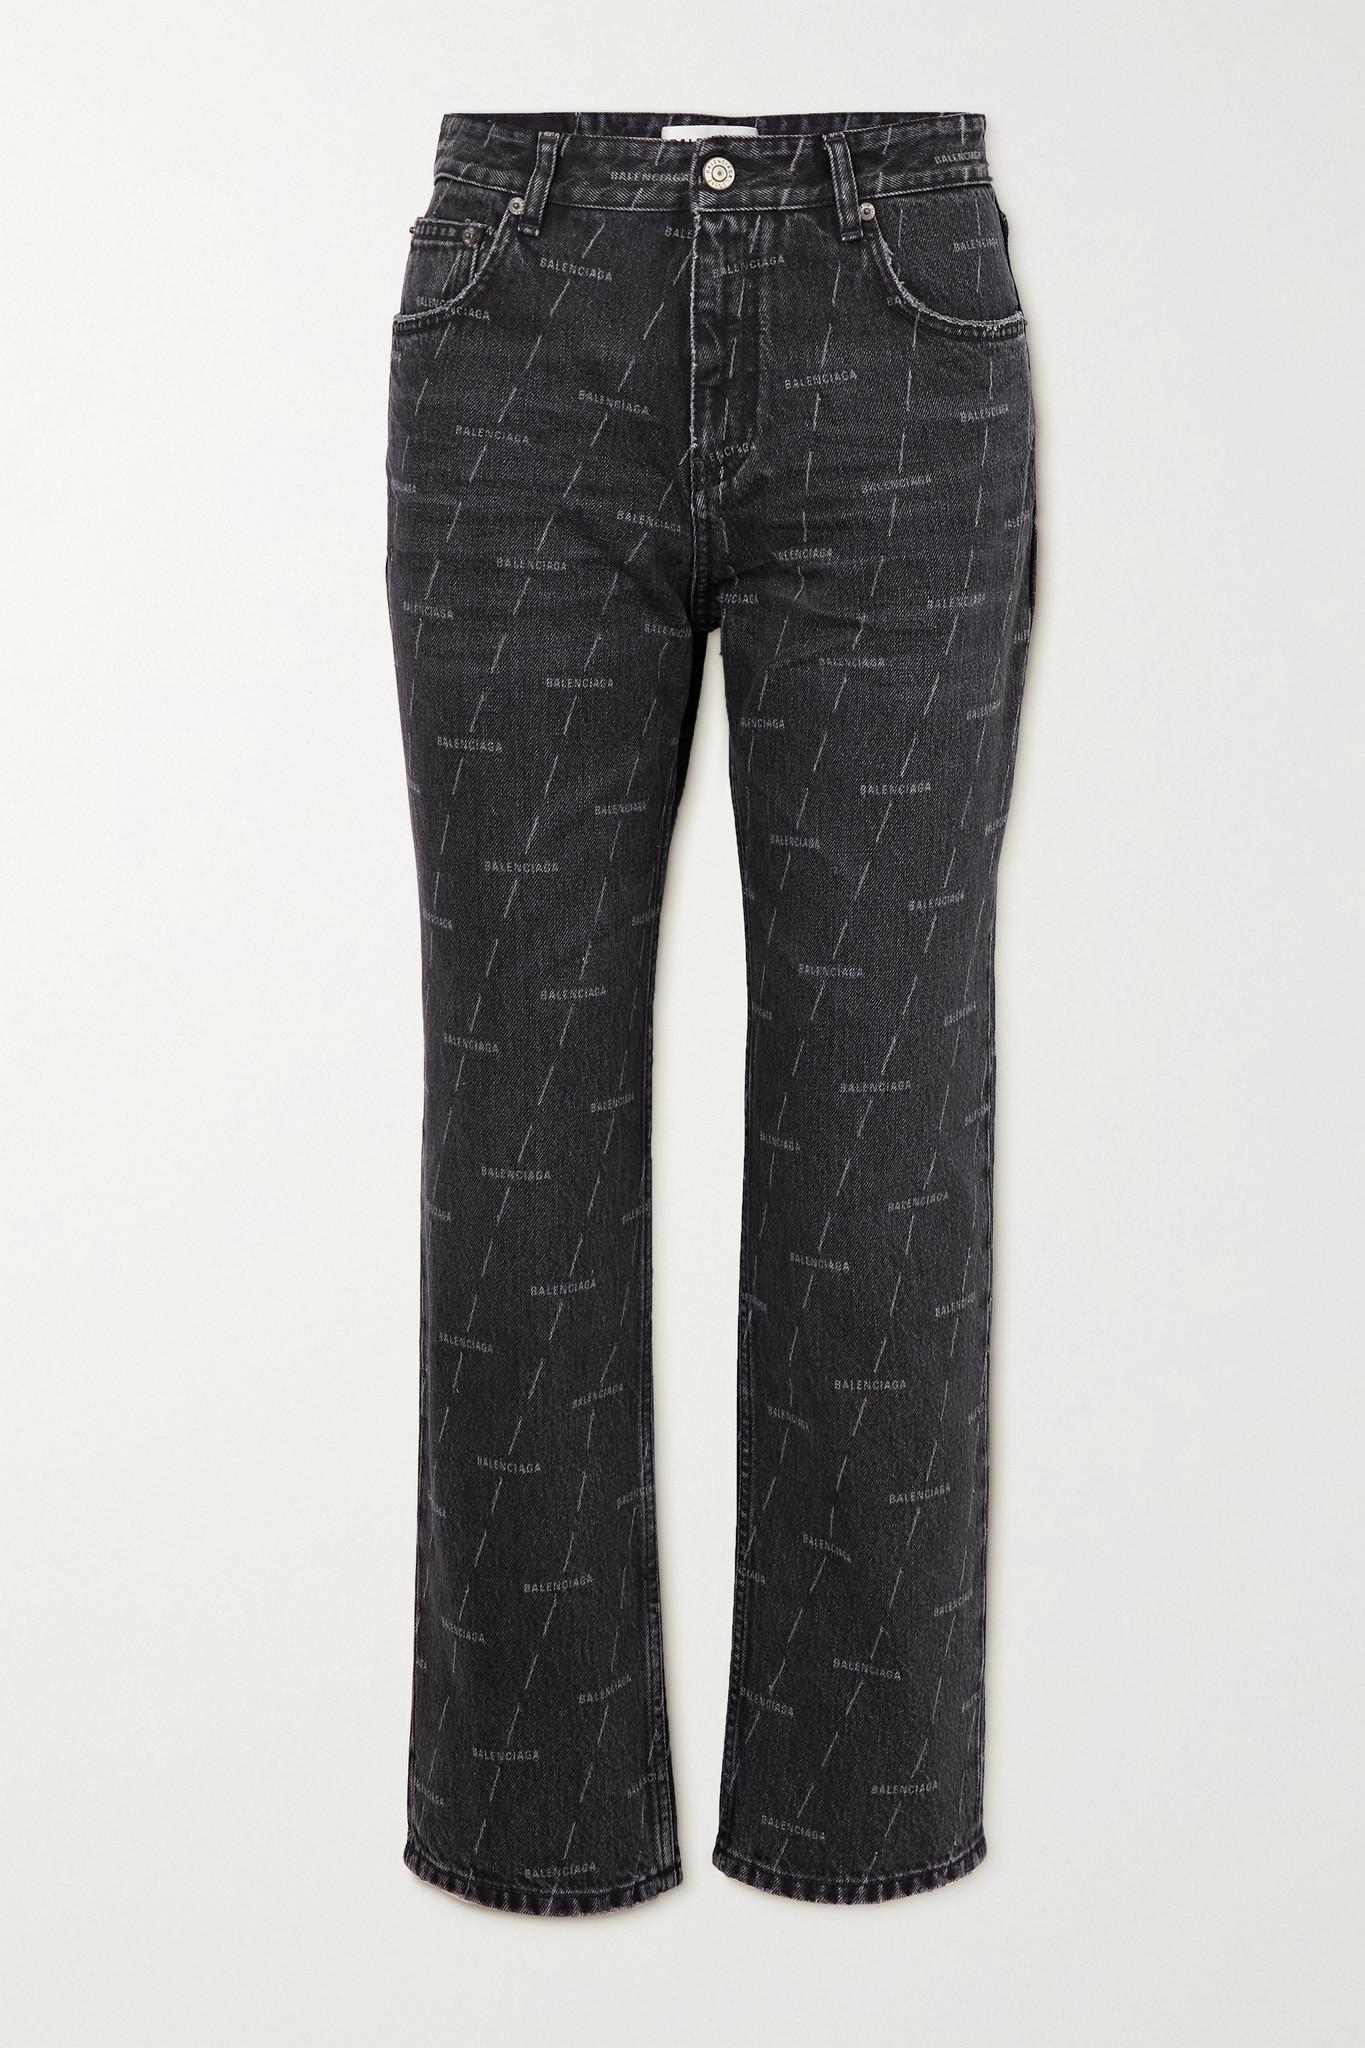 BALENCIAGA - Printed High-rise Straight-leg Jeans - Black - 25